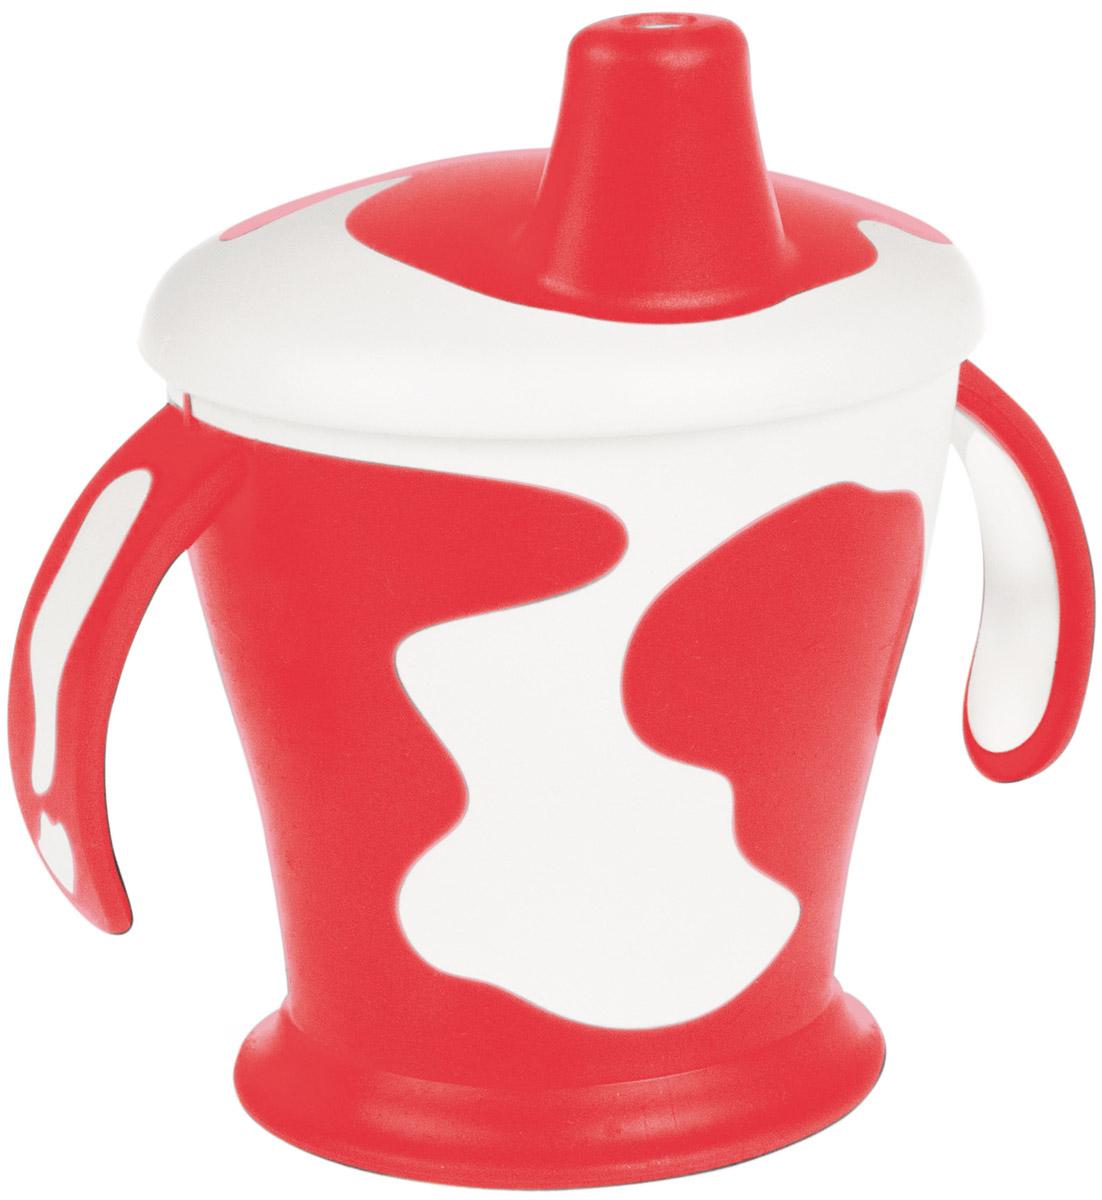 Canpol Babies Поильник-непроливайка Коровка с ручками цвет красный 250 мл поильник непроливайка canpol babies 250 мл